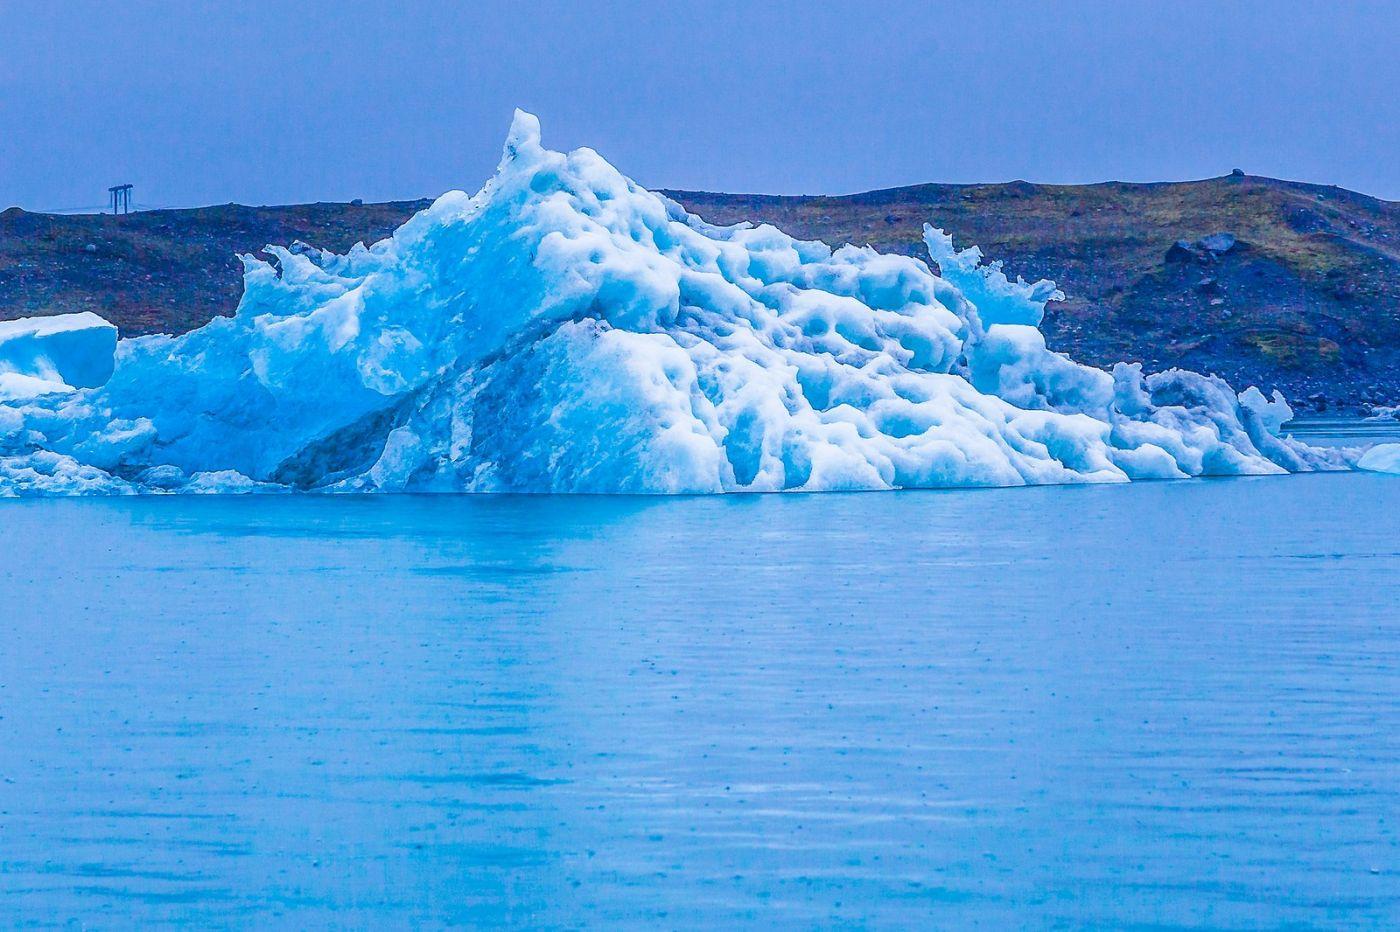 冰岛冰川泻湖(Glacier Lagoon),自然雕塑_图1-9